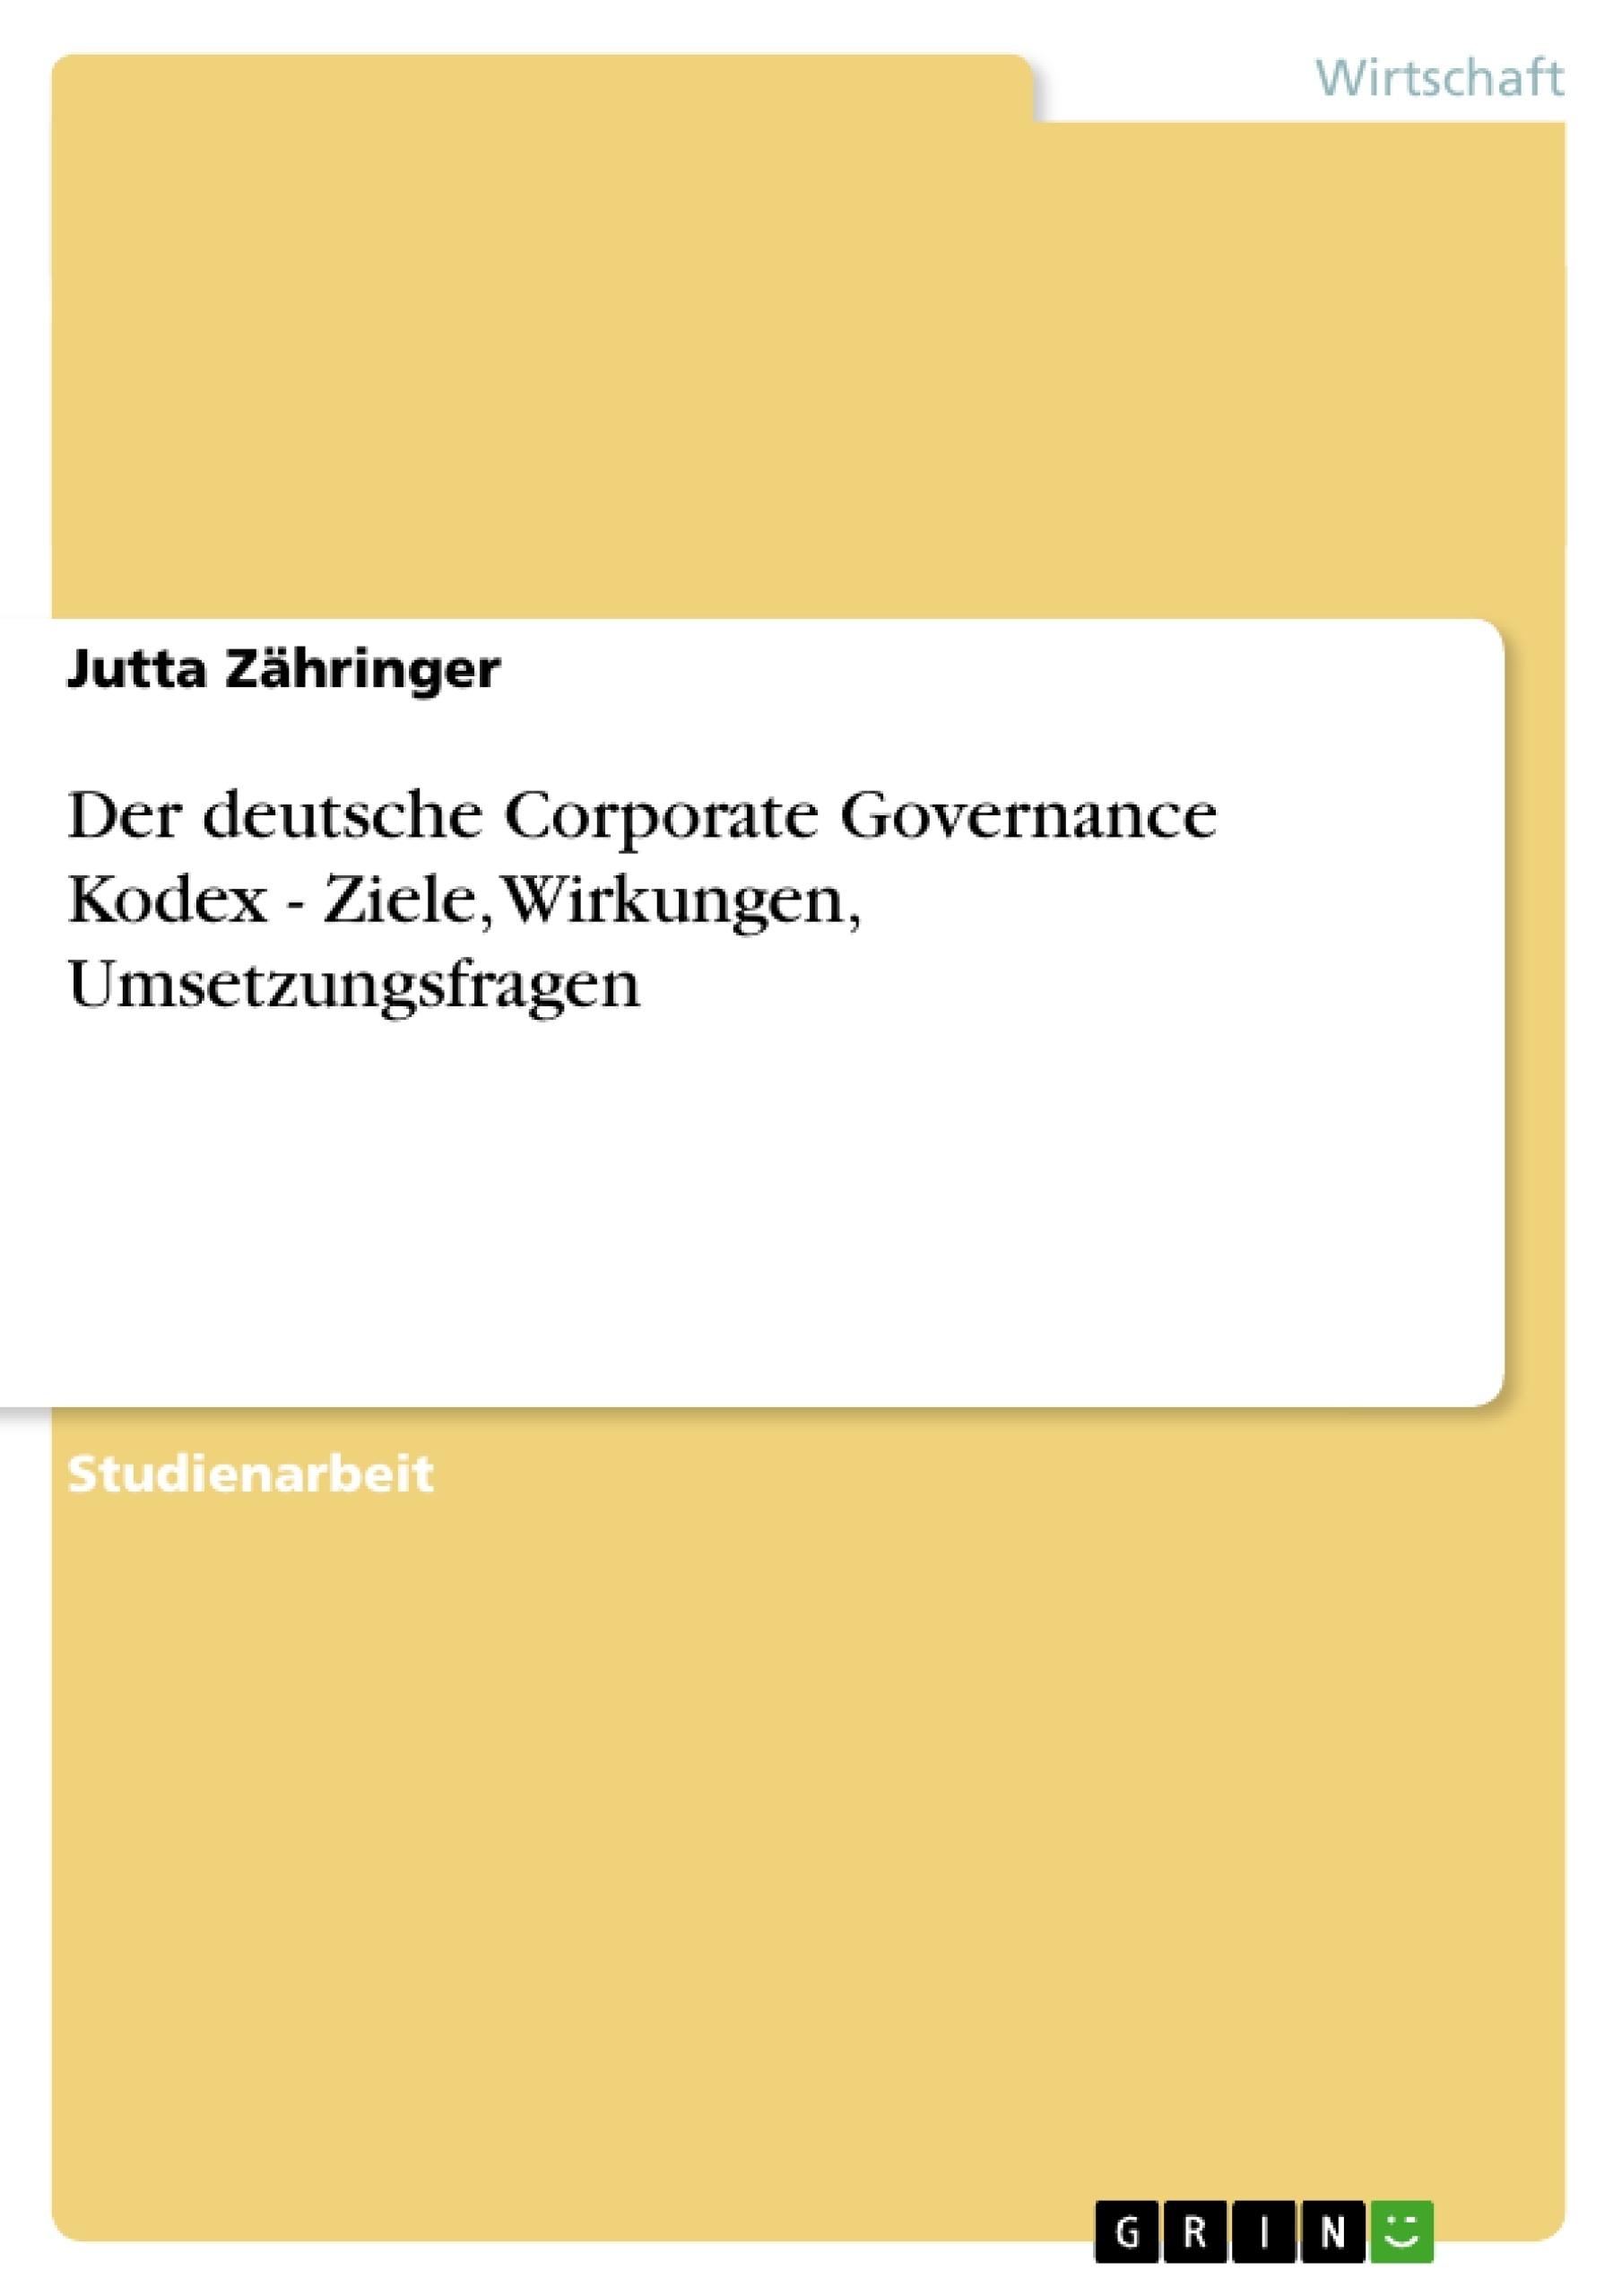 Titel: Der deutsche Corporate Governance Kodex - Ziele, Wirkungen, Umsetzungsfragen